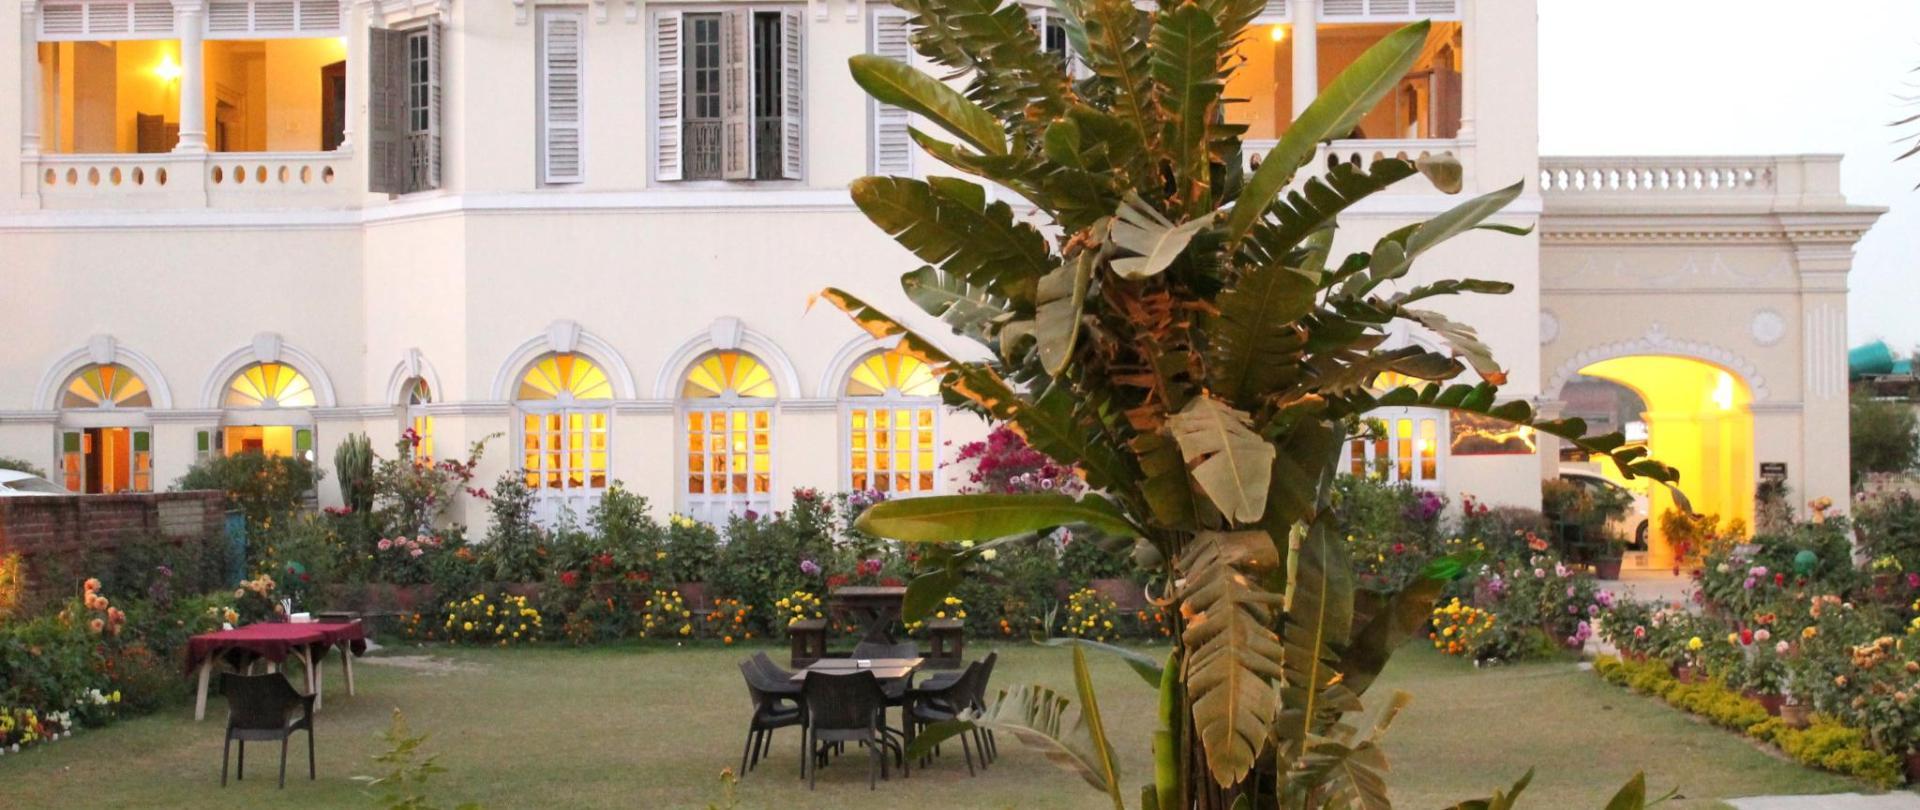 fachada del palacio .jpg